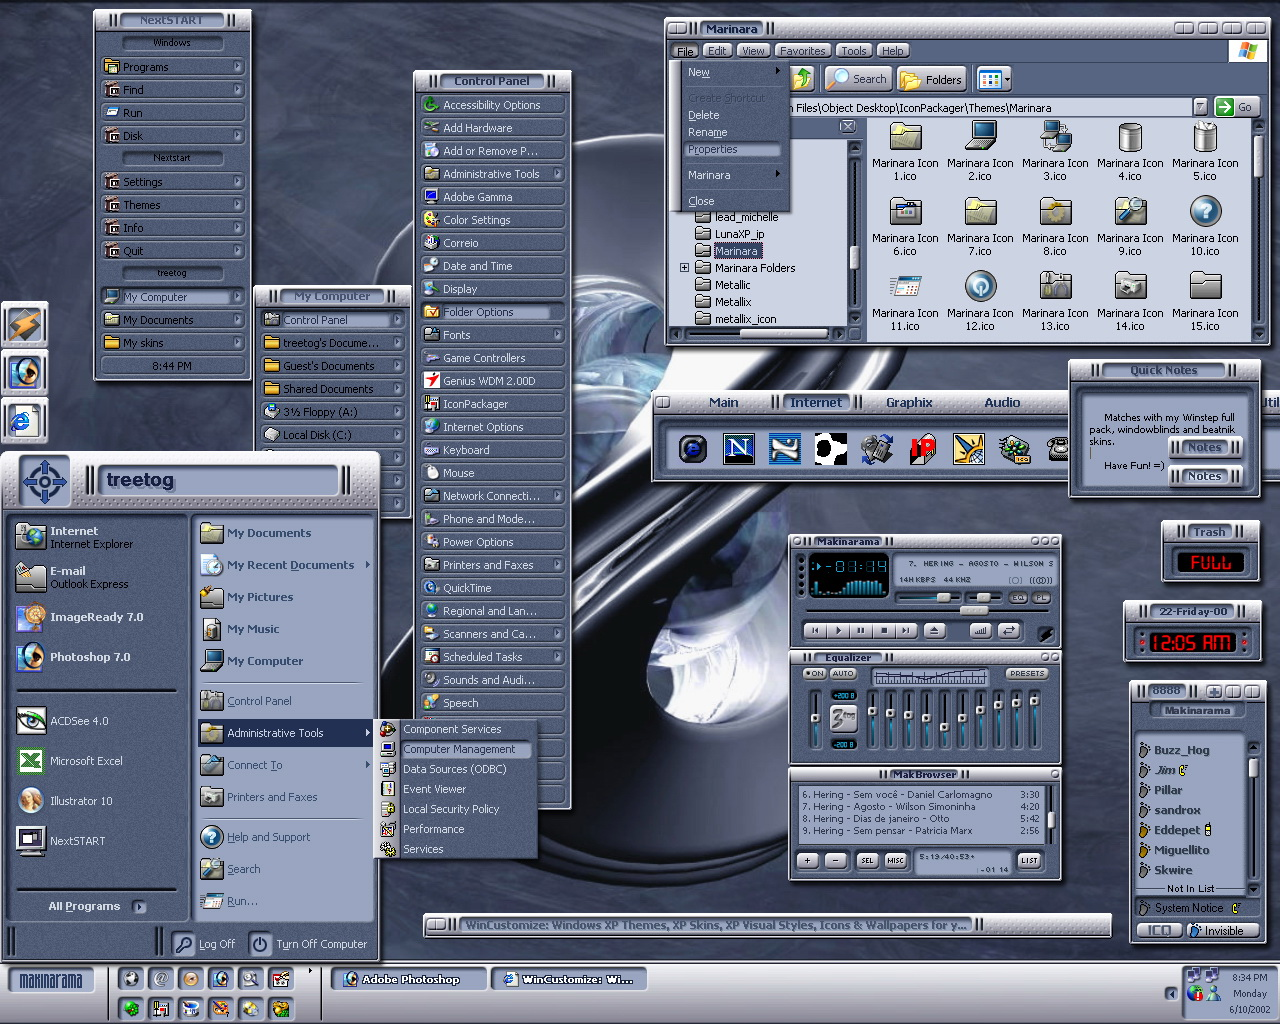 デスクトップ 壁紙 - Skin WALLPAPER